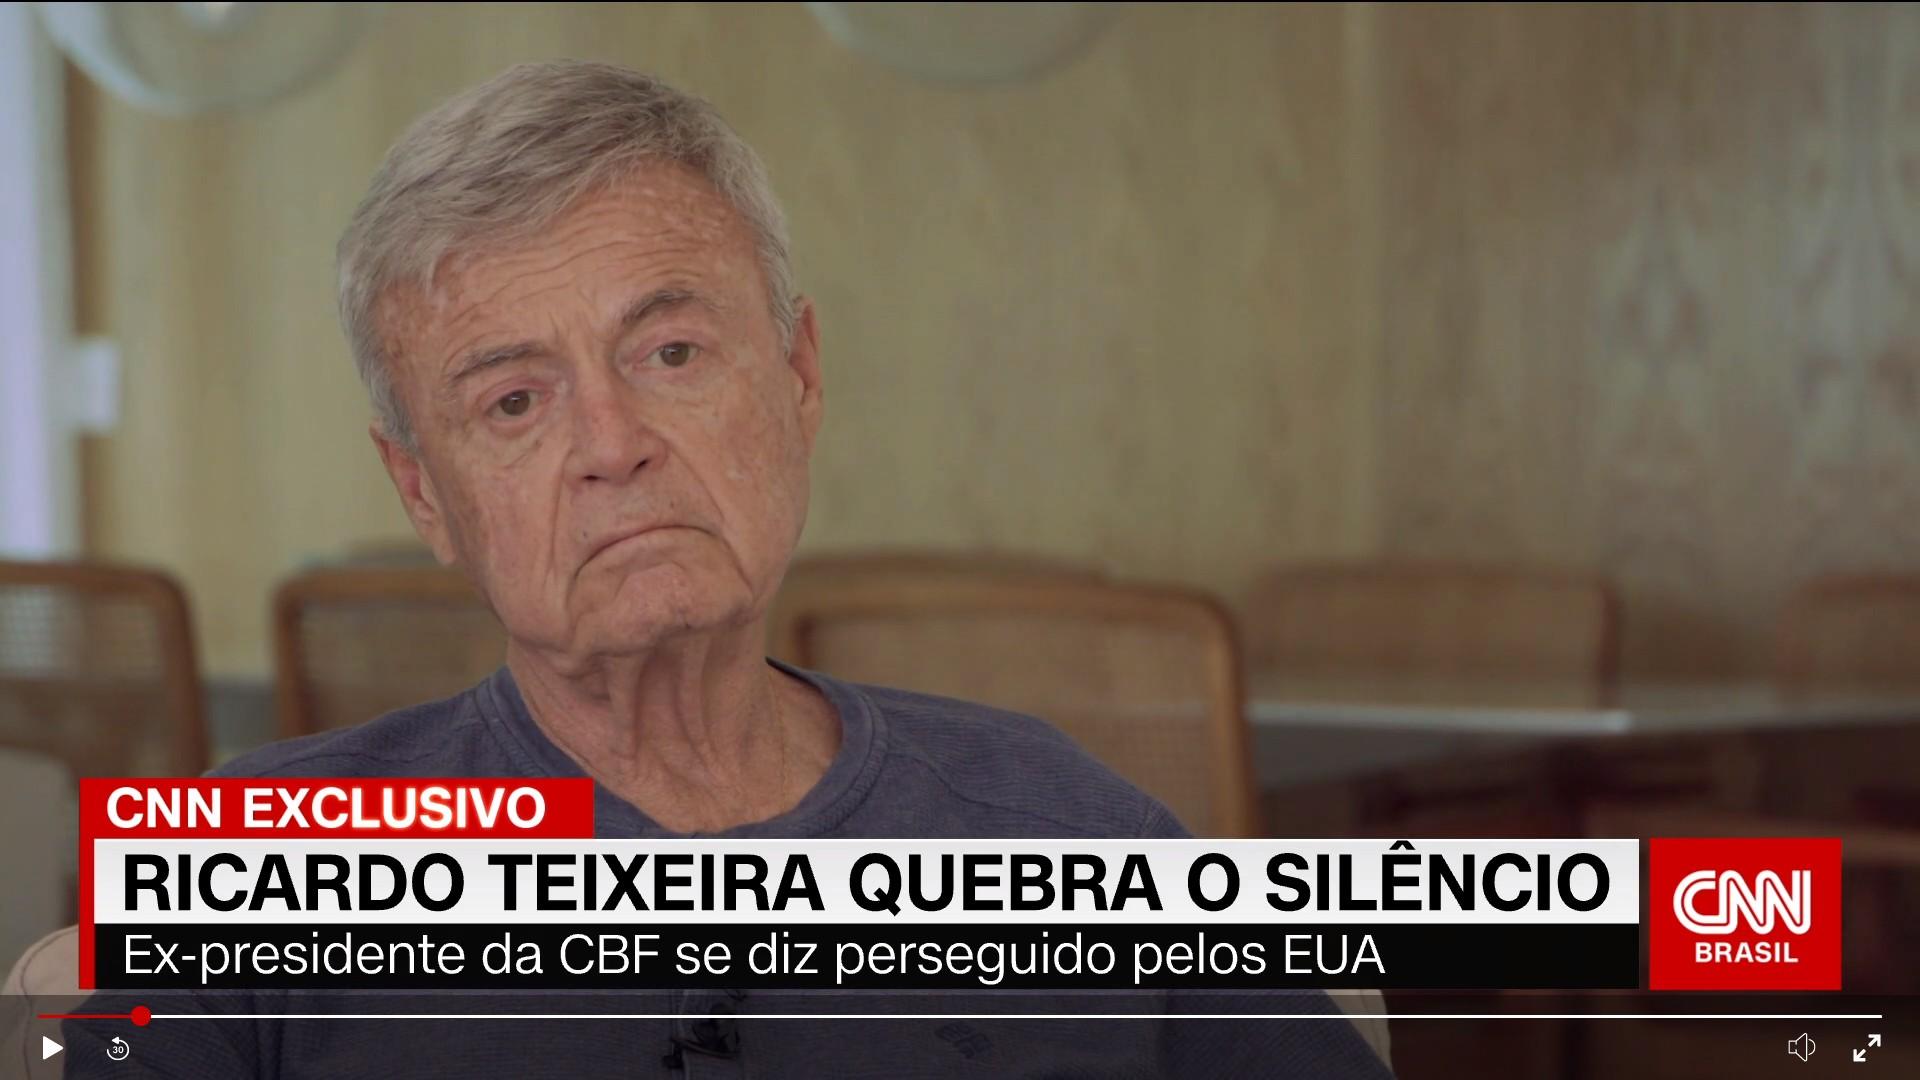 Ricardo Teixeira diz ter sido vítima de retaliação de Clinton